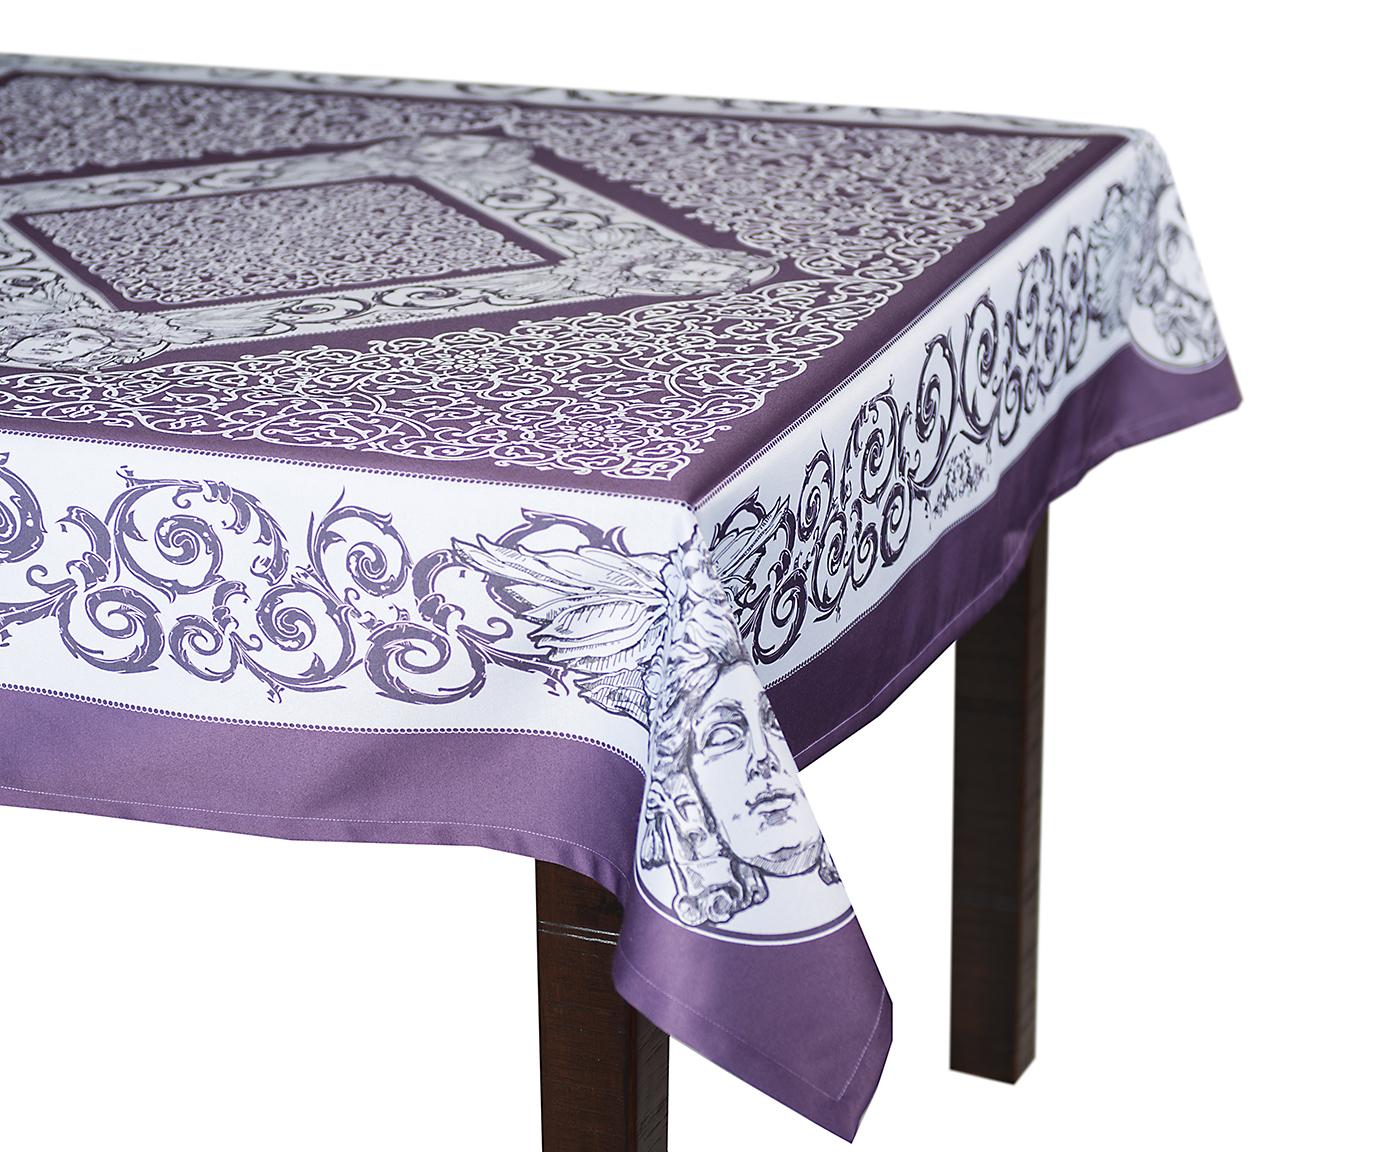 Скатерть 140x180 Blonder Home Chronos фиолетовая